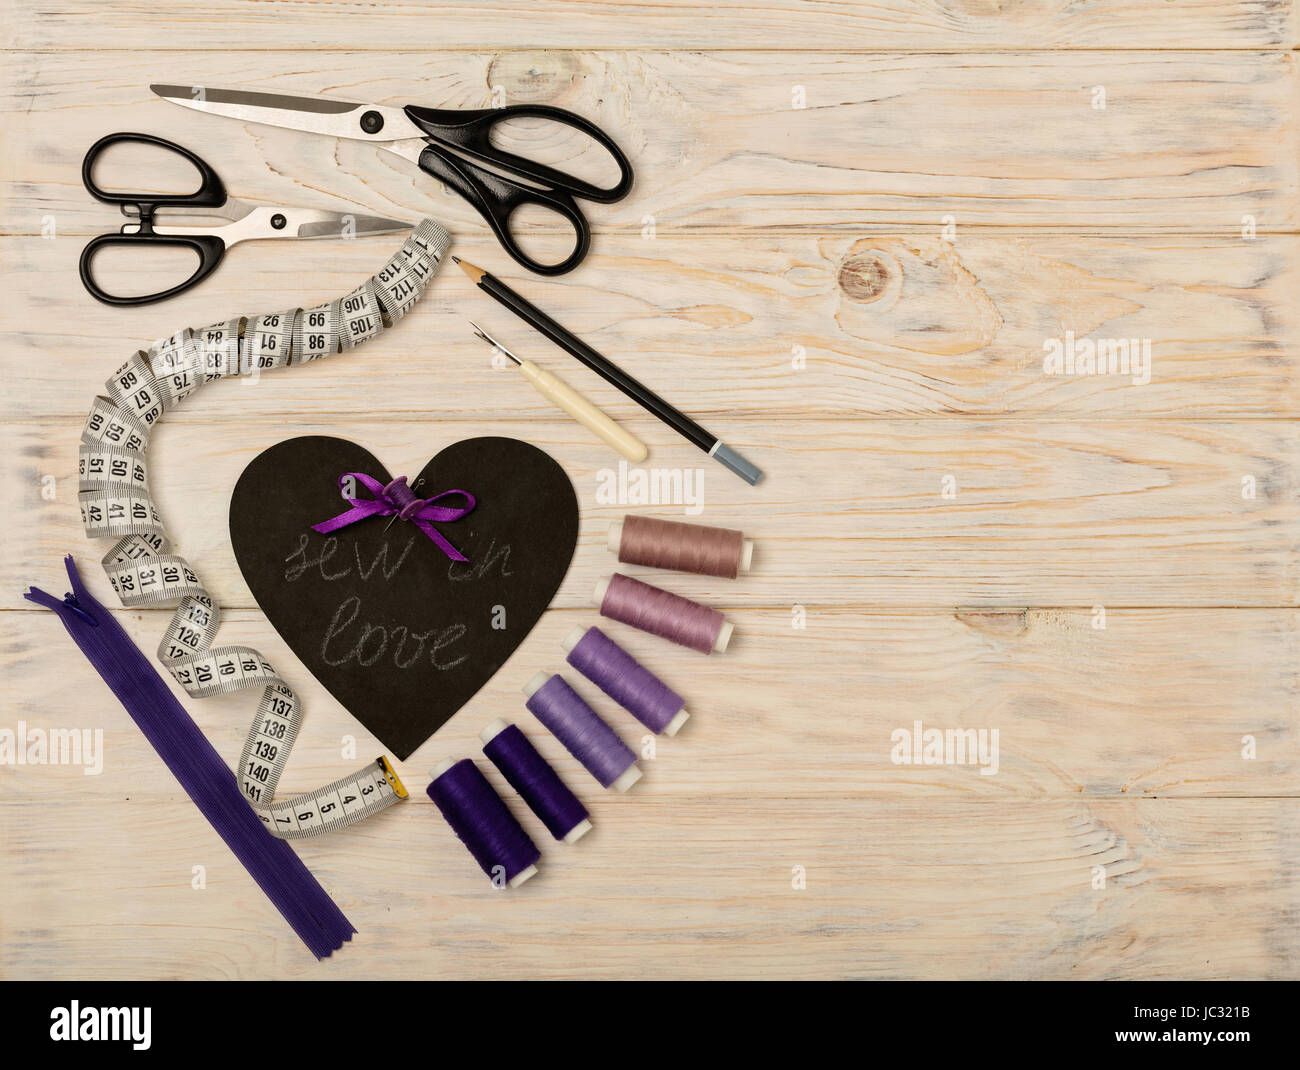 Accesorios de costura de color púrpura y el corazón con una inscripción - coser en el amor. El enfoque selectivo. Foto de stock